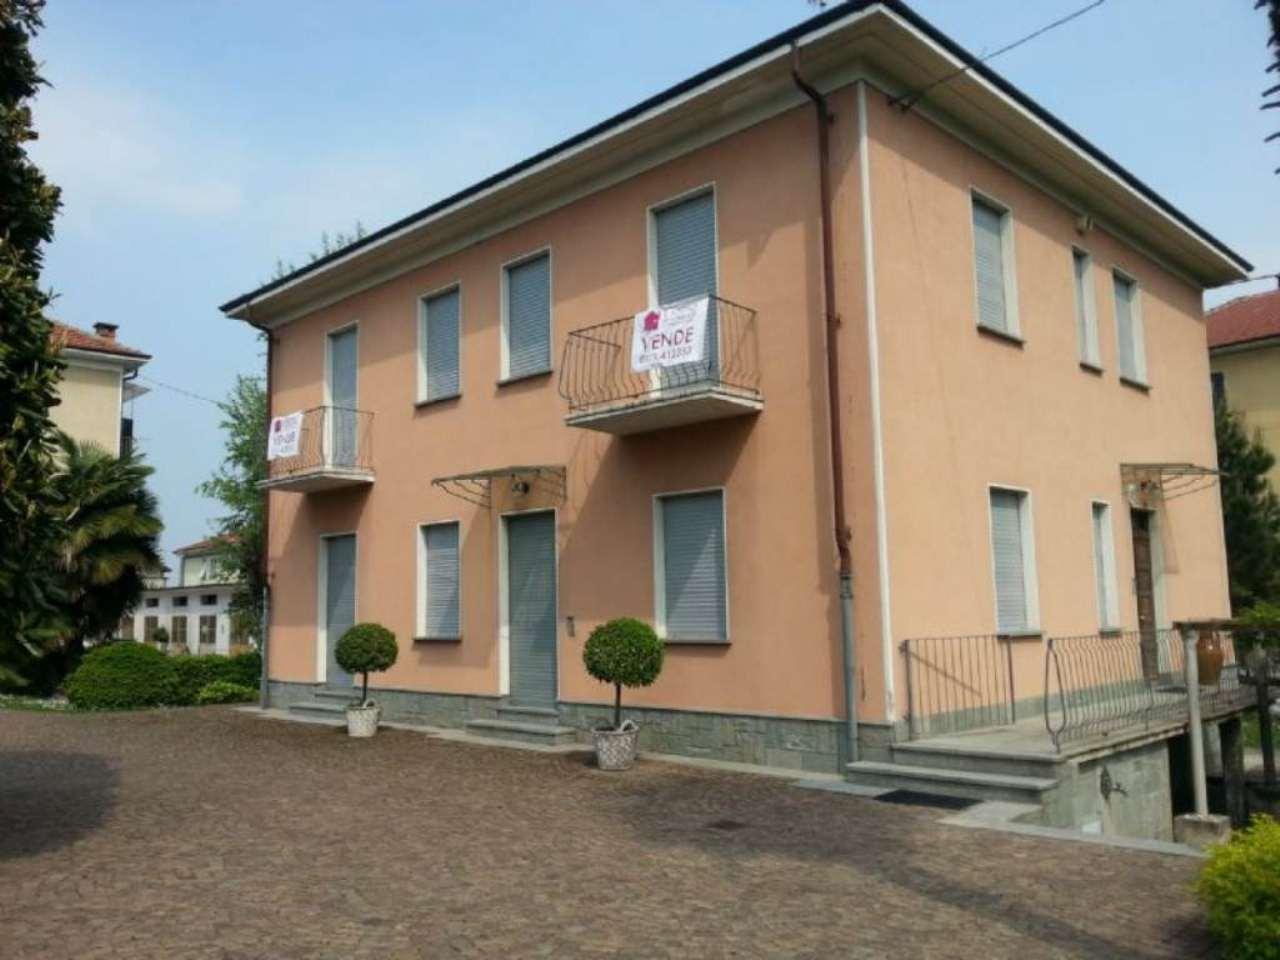 Villa in vendita a Cuneo, 10 locali, prezzo € 480.000 | Cambio Casa.it